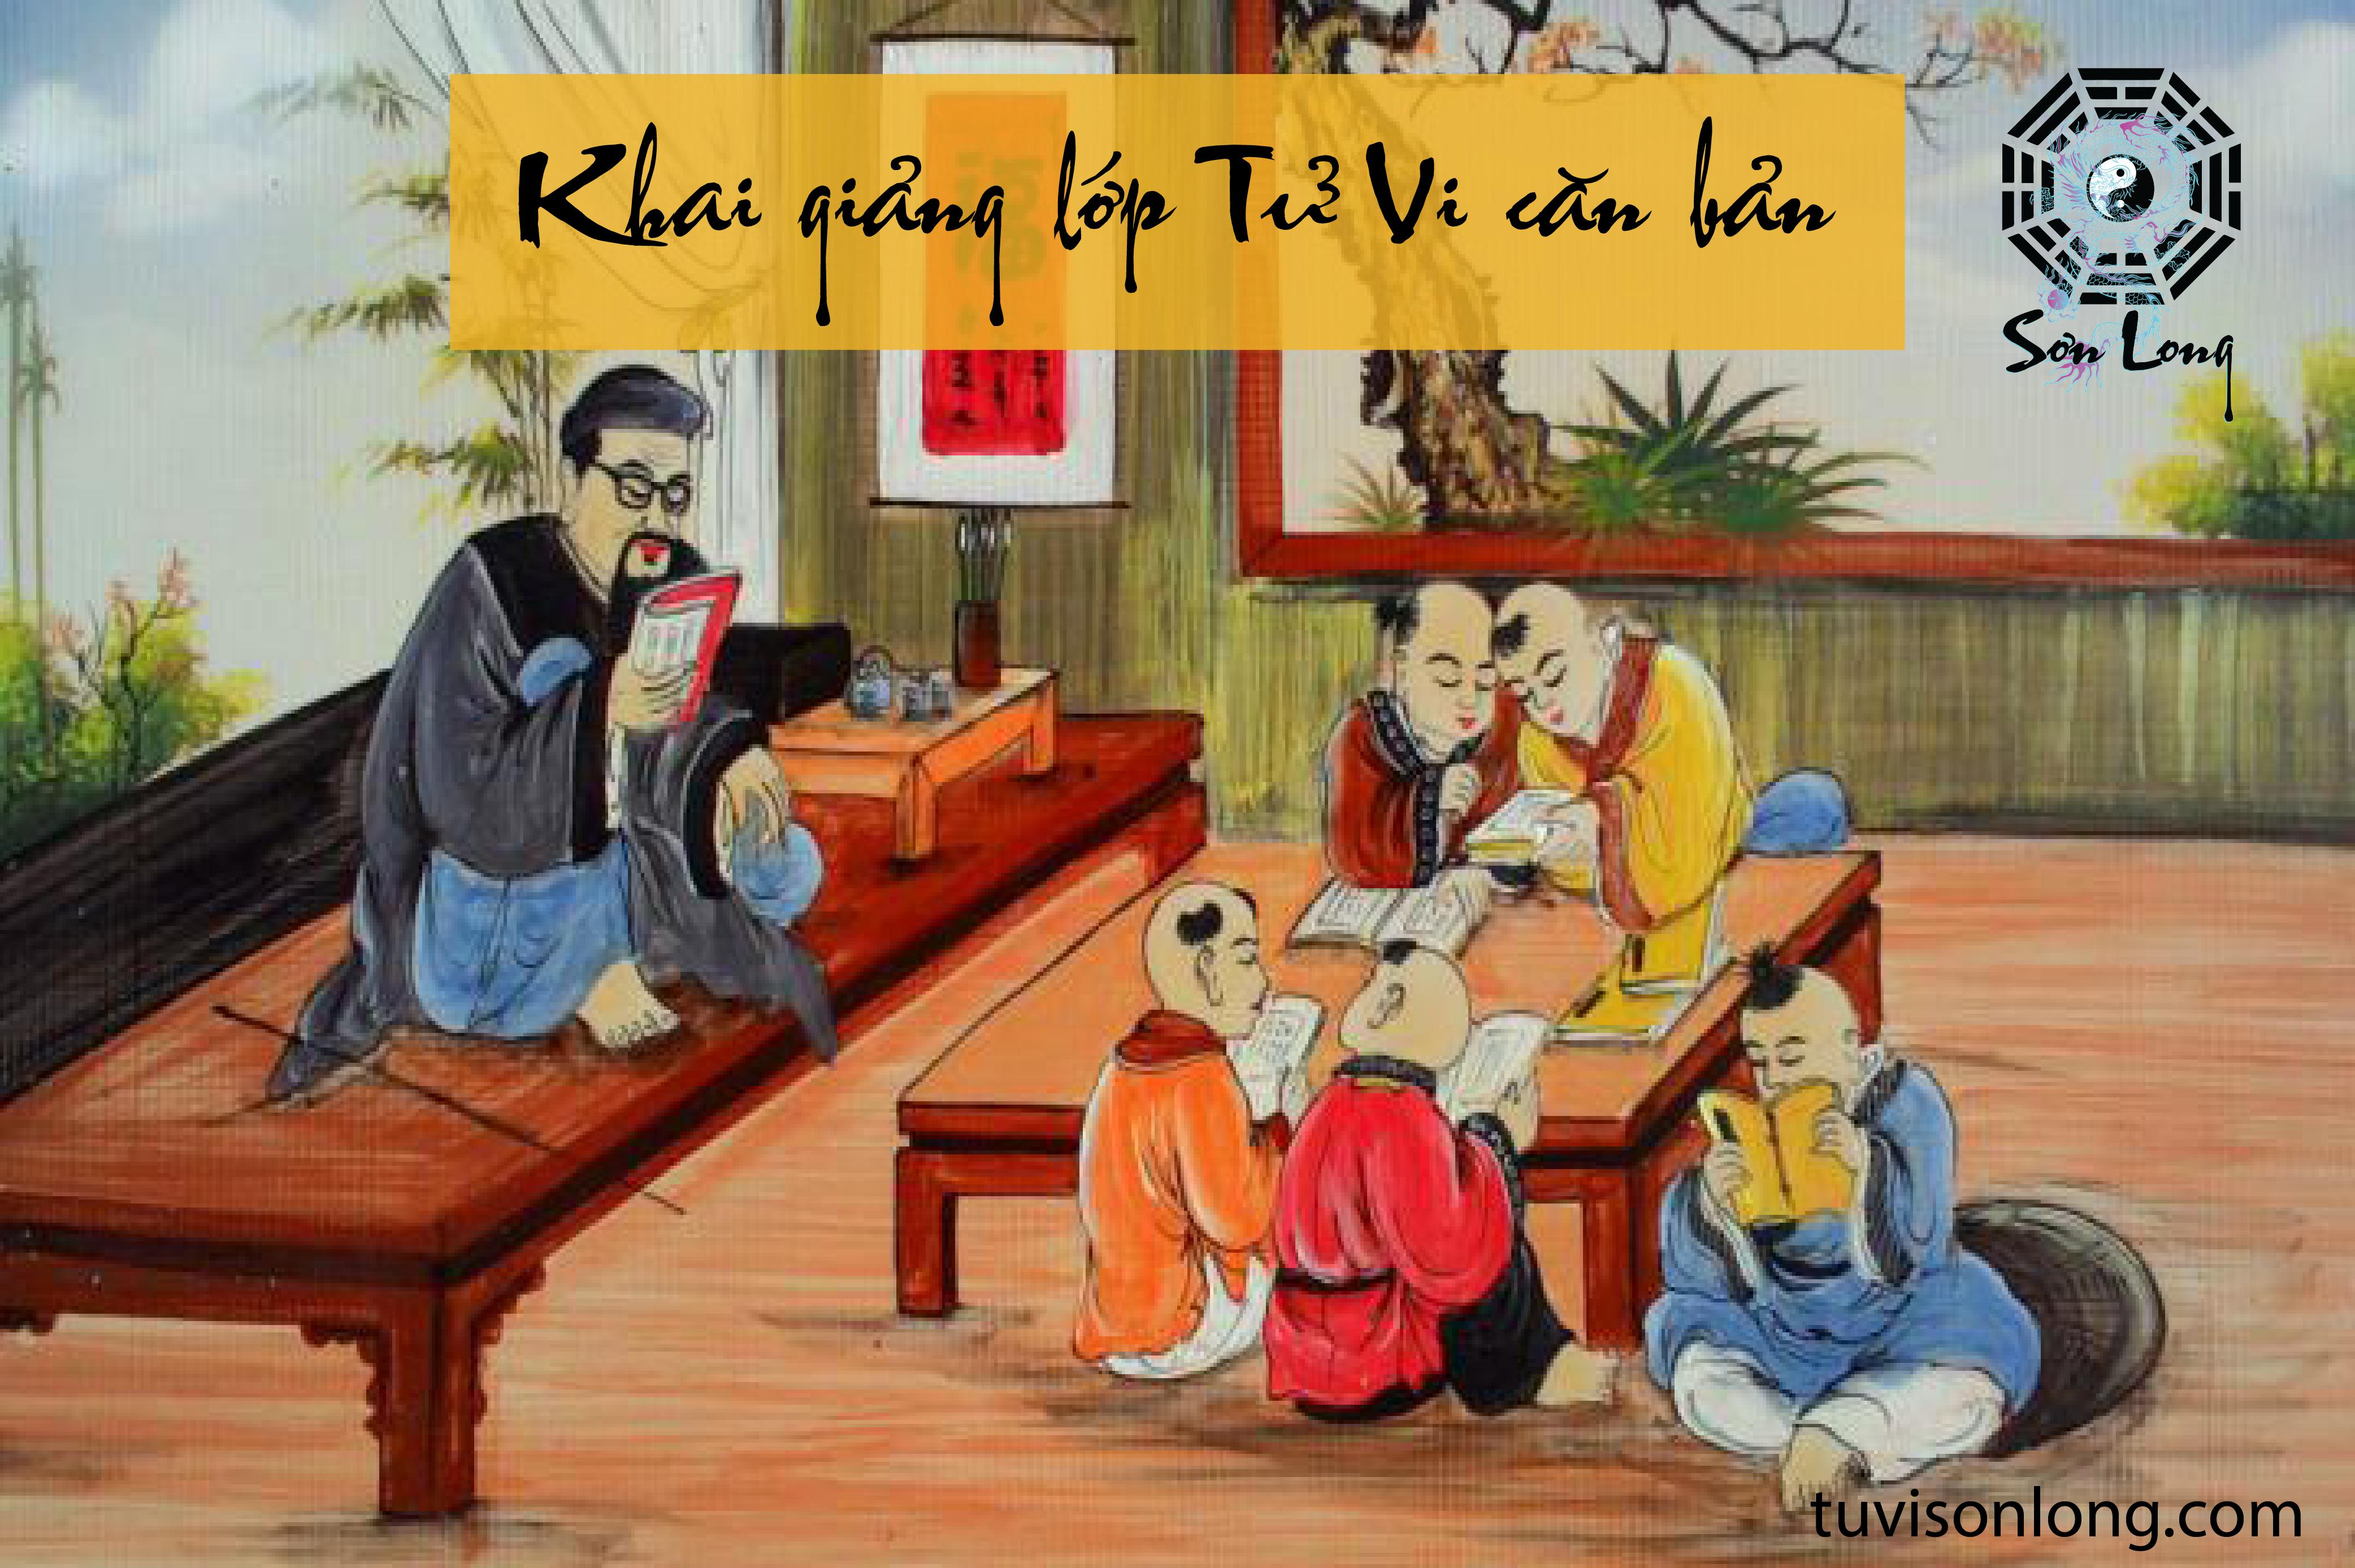 KHAI GIẢNG KHÓA HỌC TỬ VI CƠ BẢN TẠI HÀ NỘI – 20/07/2019